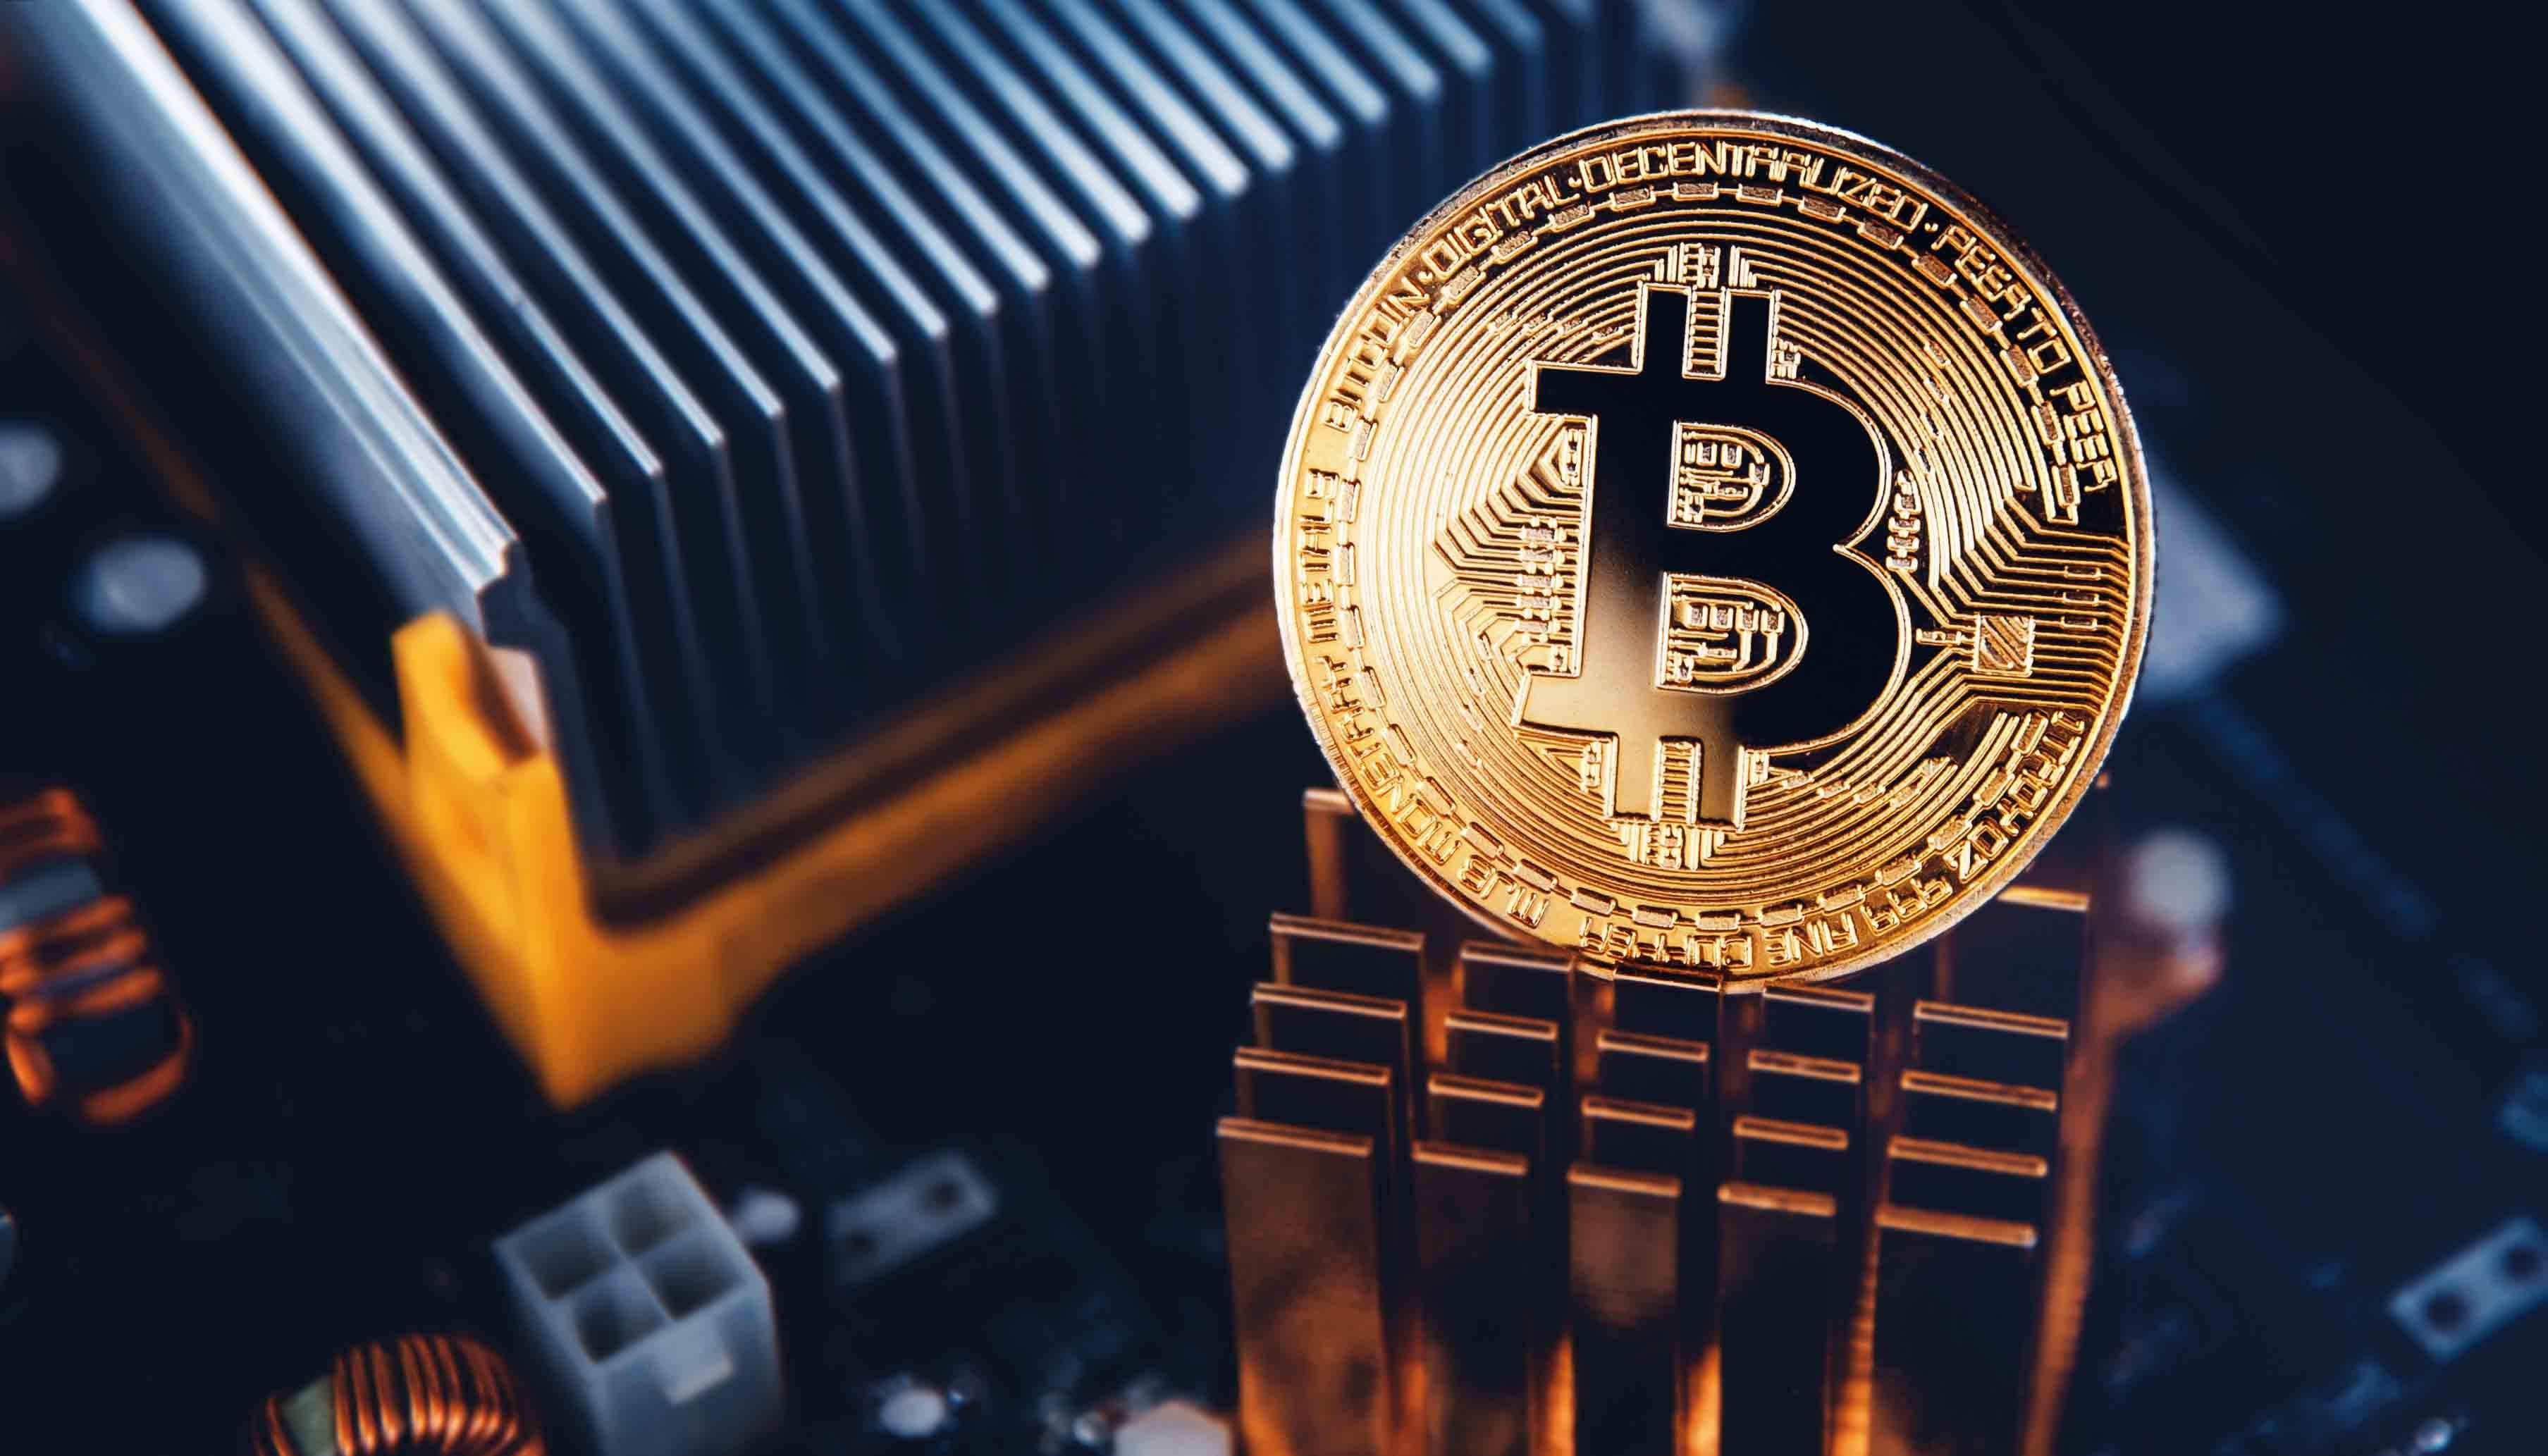 德璞资本:比特币震荡趋势正在加剧 交易平台Fcoin9亿元无法兑付